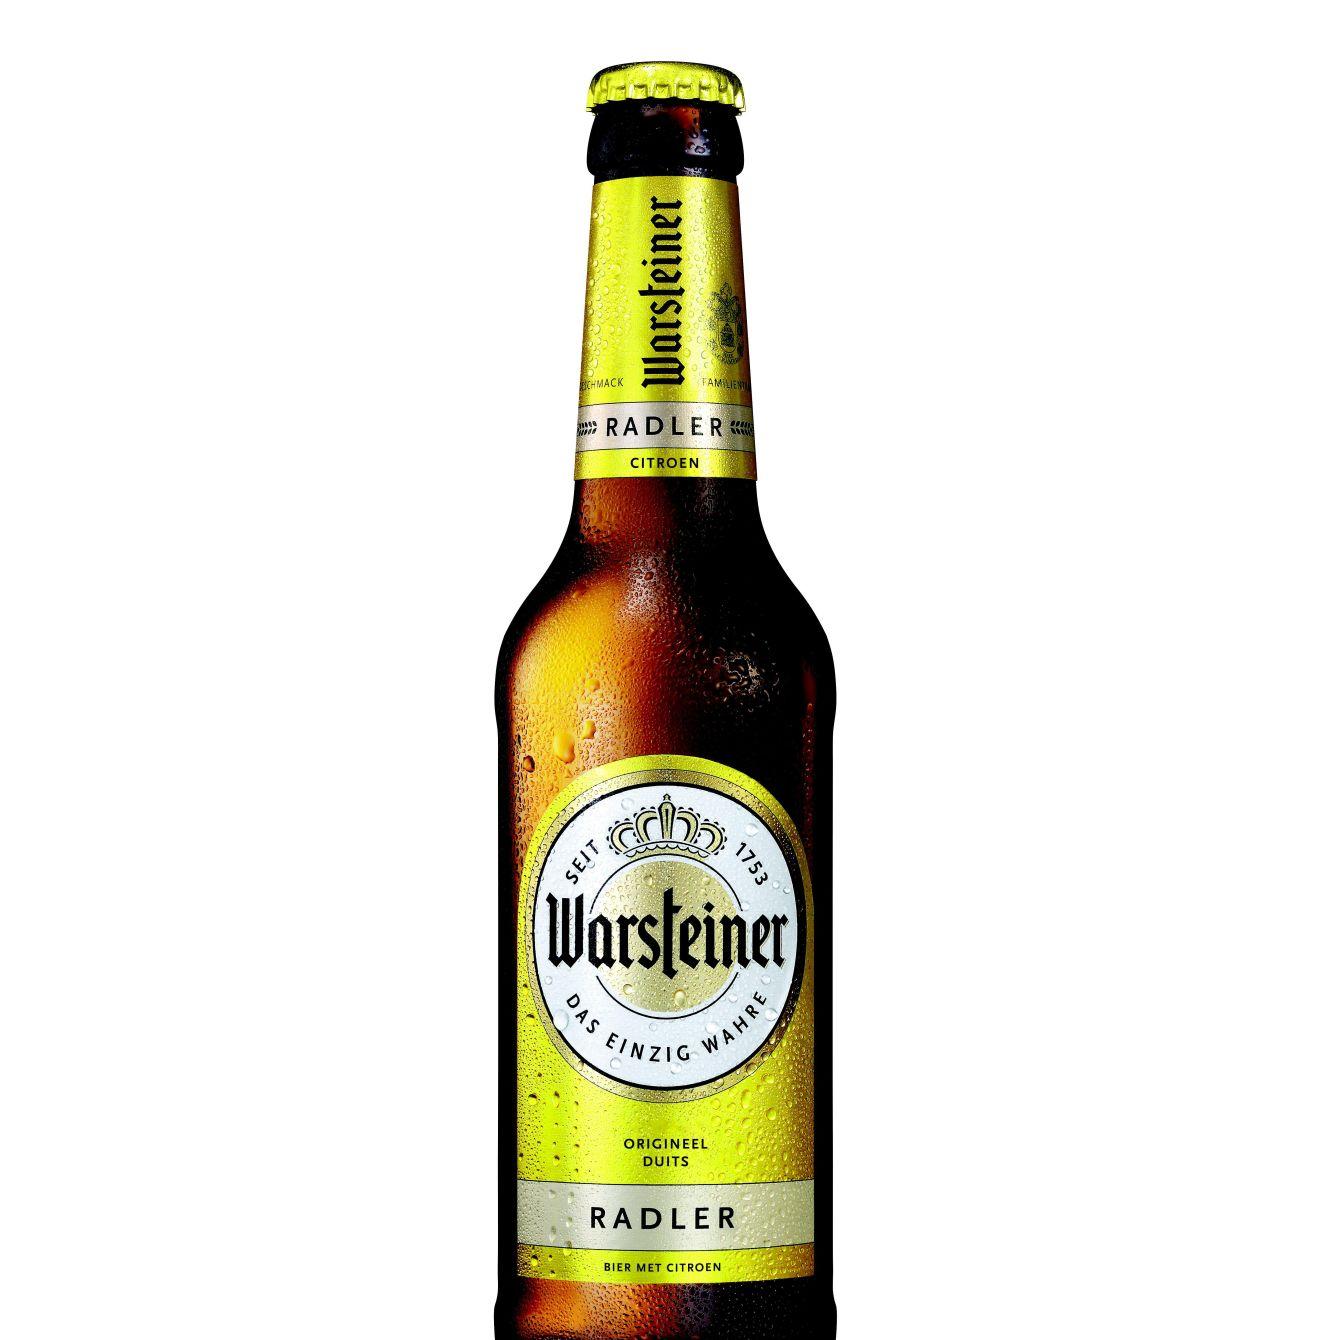 Warsteiner Radler Citroen Bier